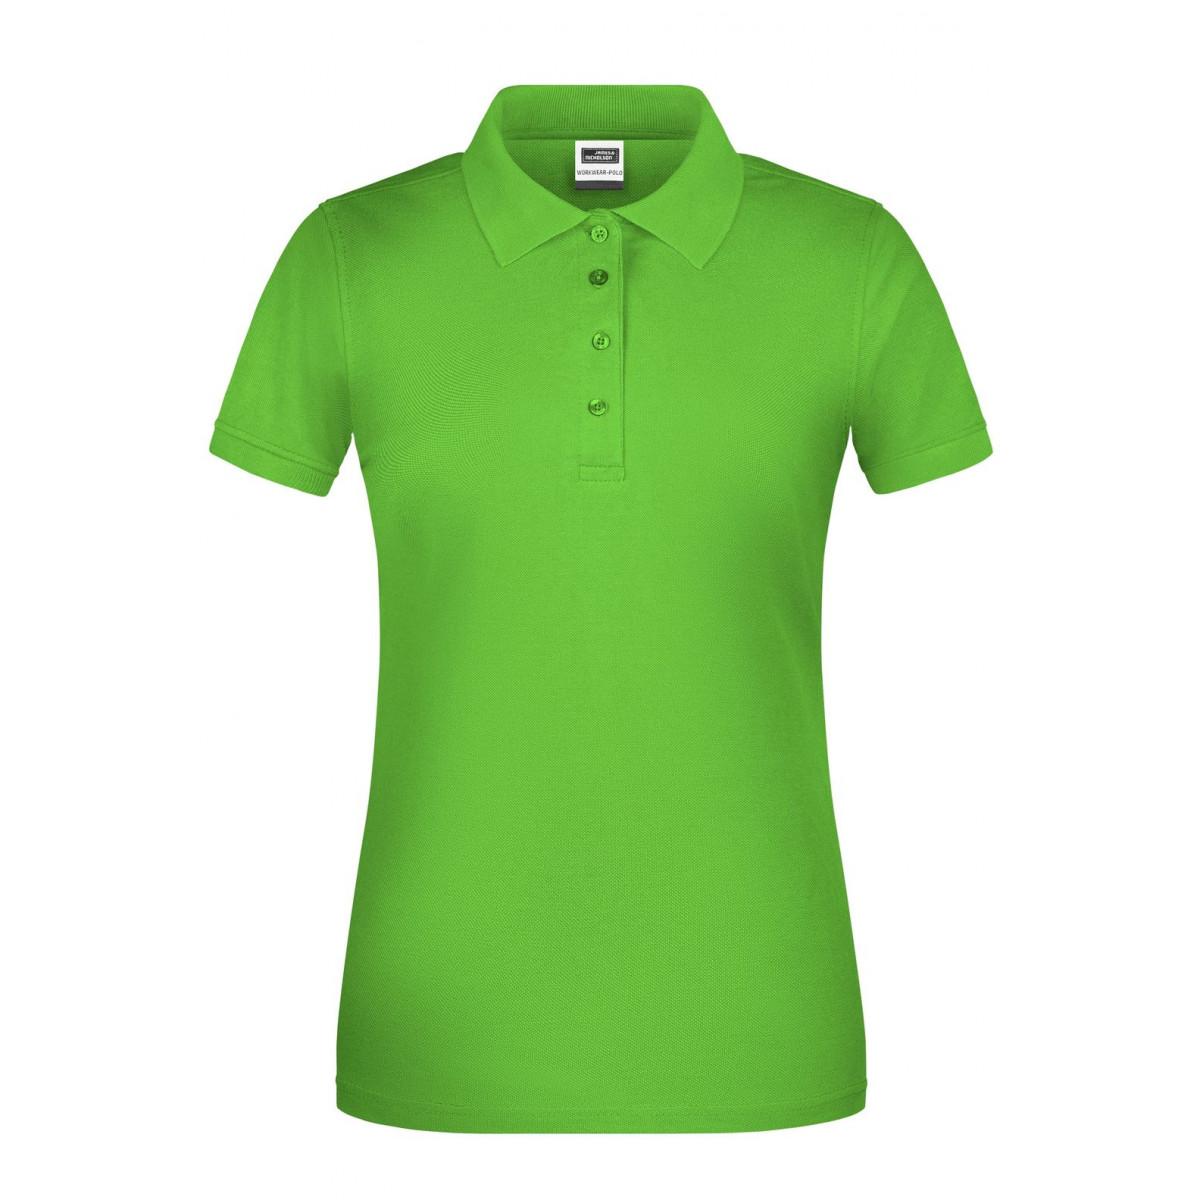 Рубашка поло женская JN873 Ladies BIO Workwear Polo - Лайм